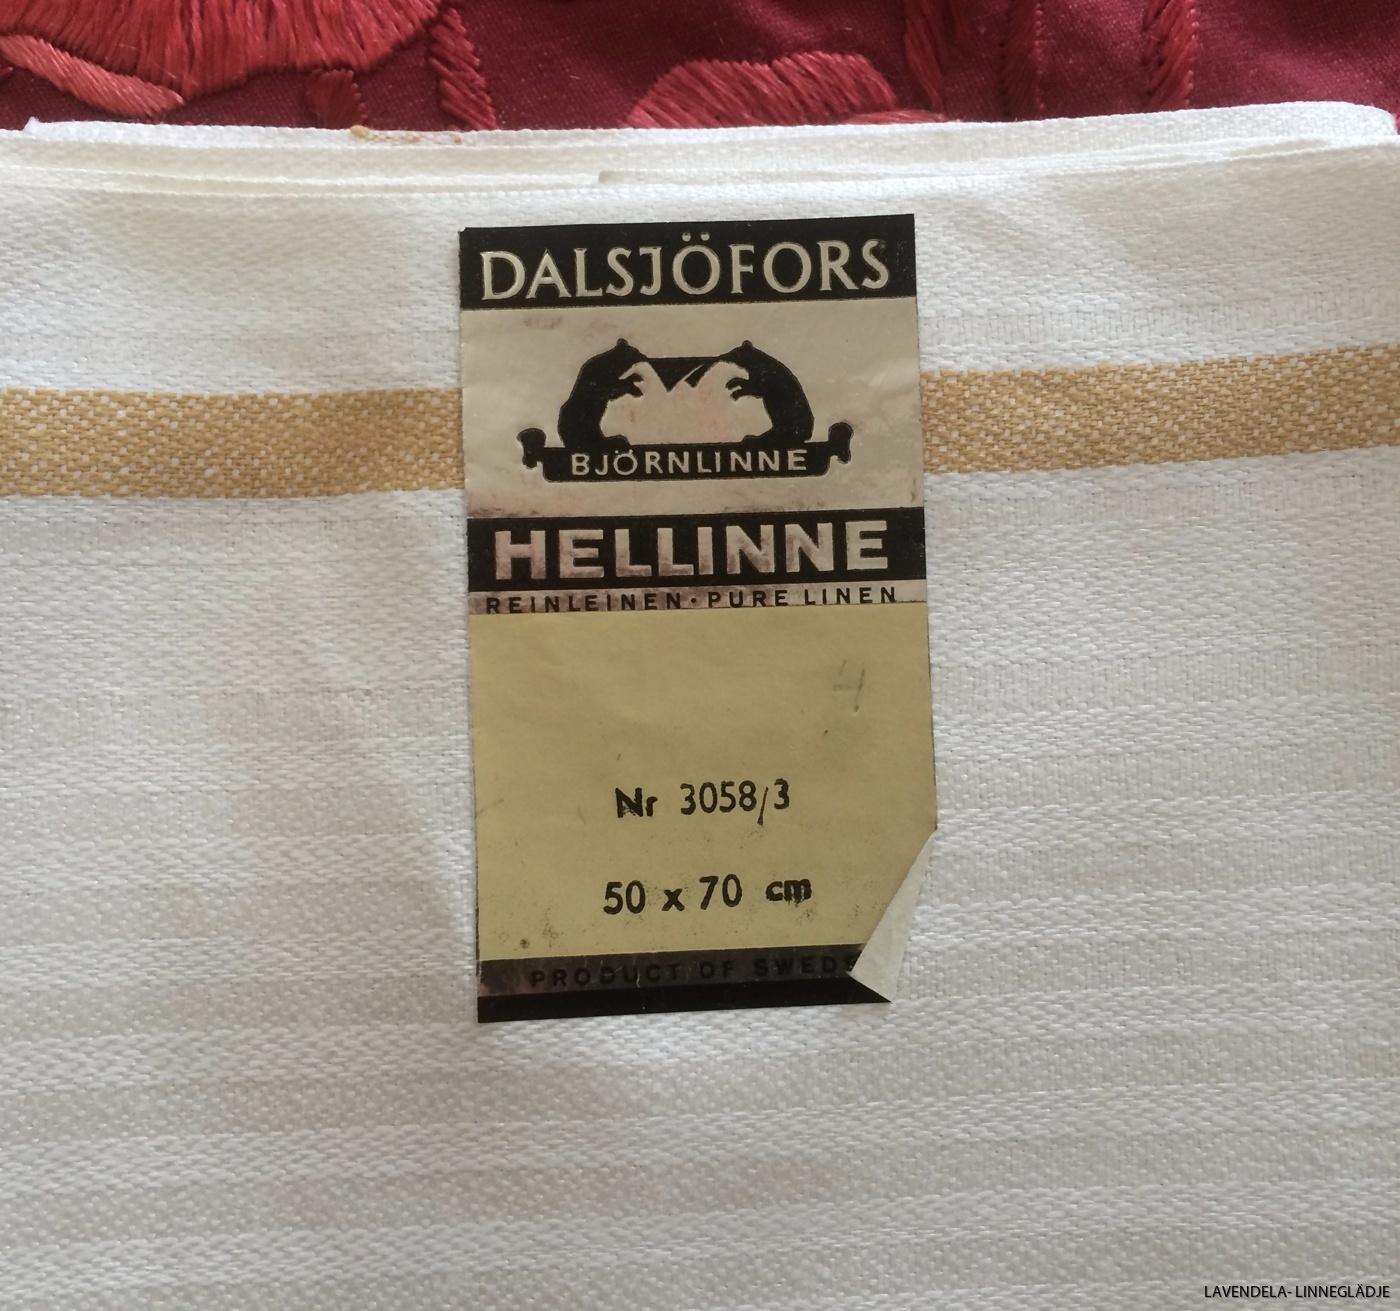 Dalsjöfors Hellinne,